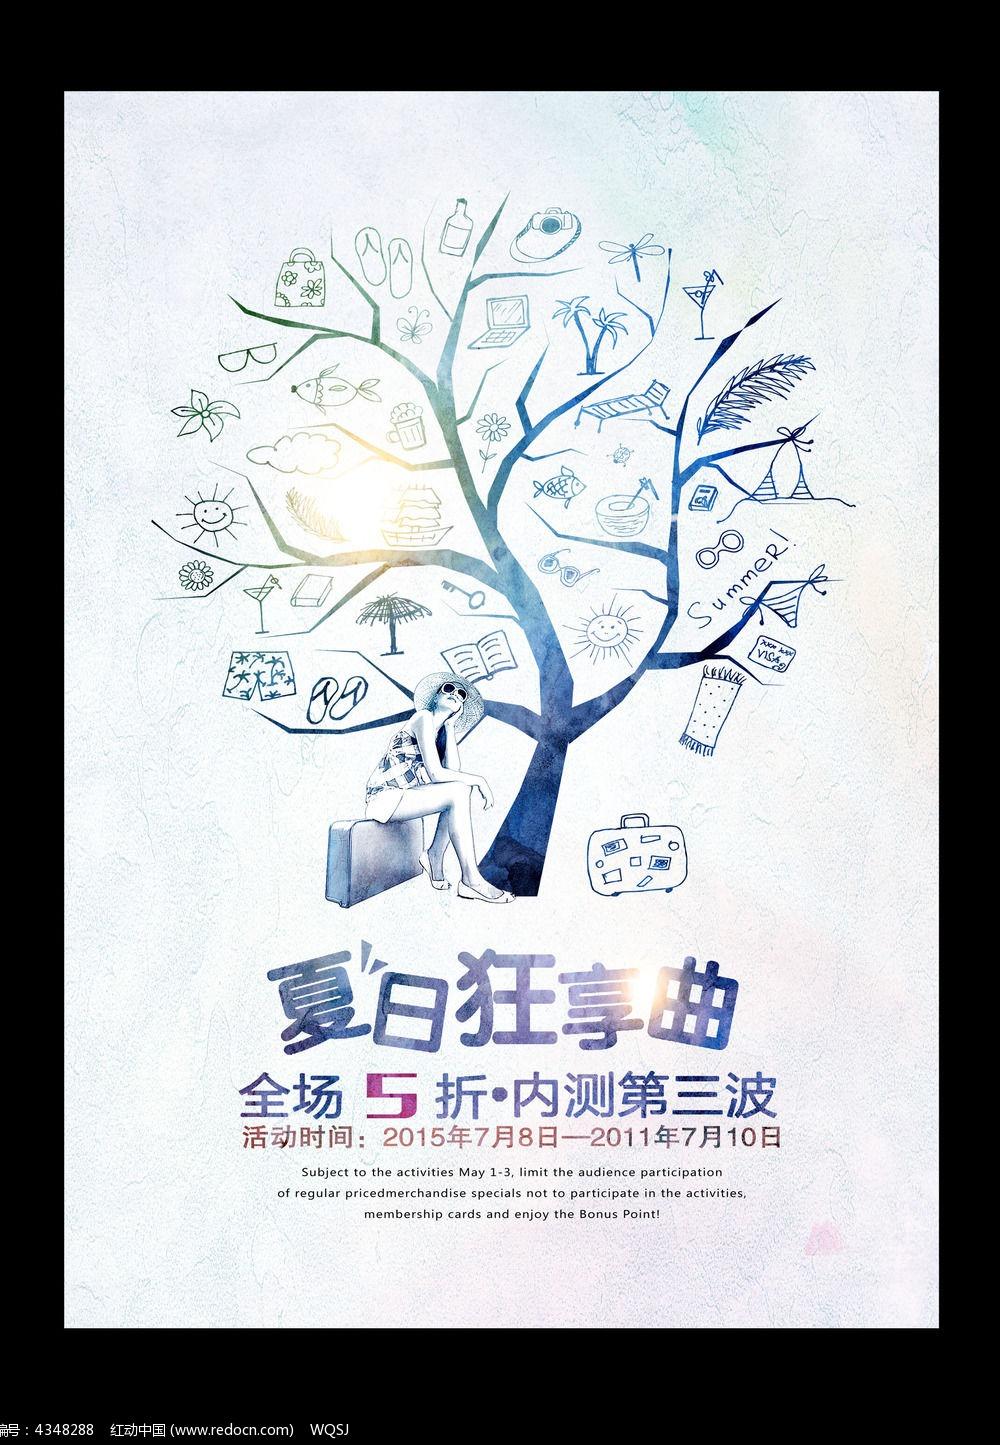 手绘风格夏日活动海报设计 PSD-12款 手绘风格夏日促销海报设计PSD